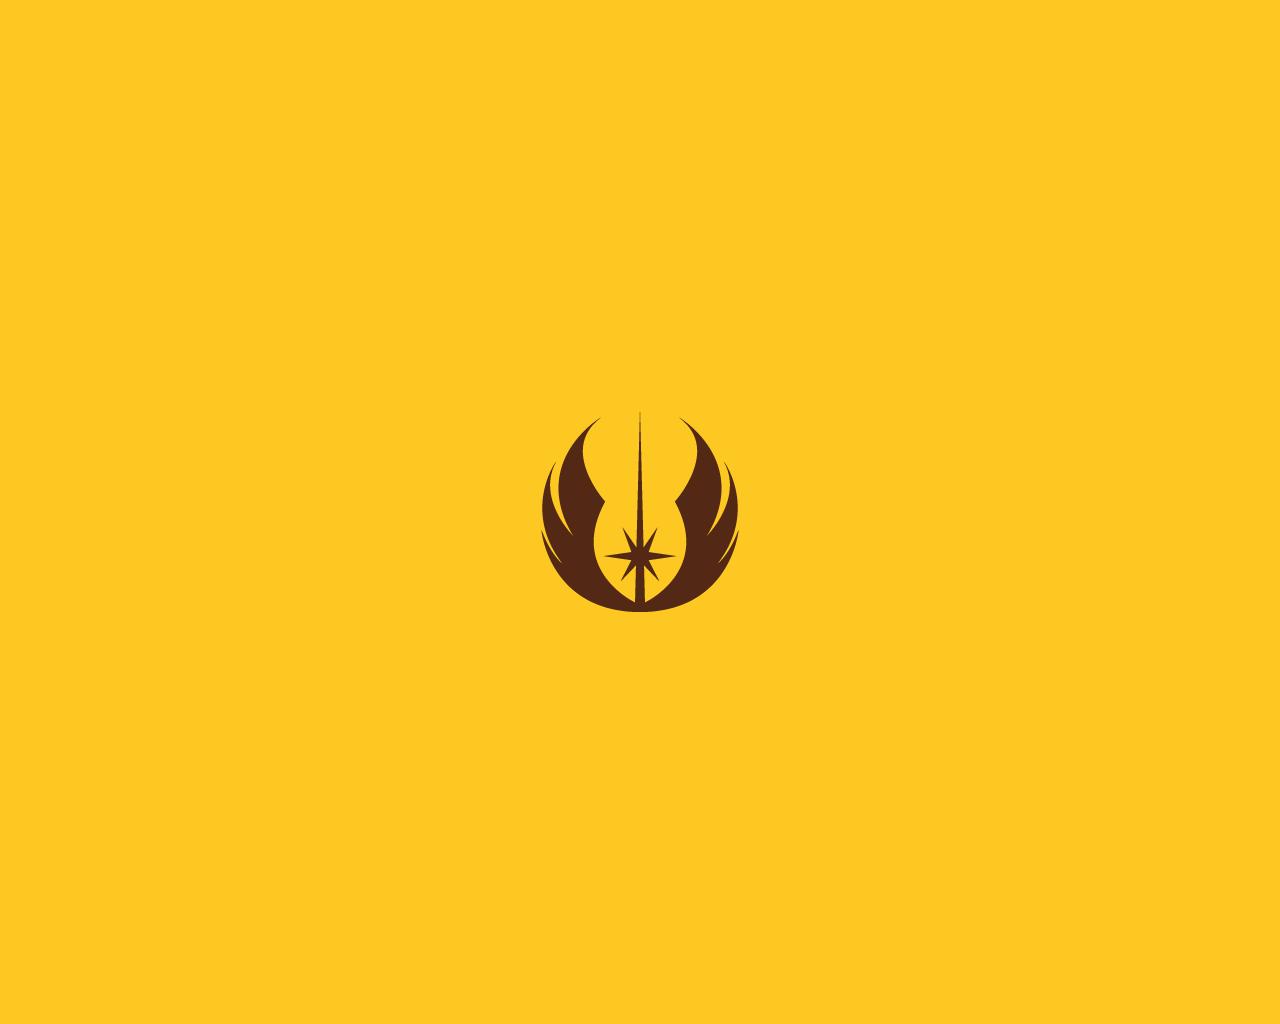 Minimalist Star Wars Wallpaper Jedi Emblem By Diros On